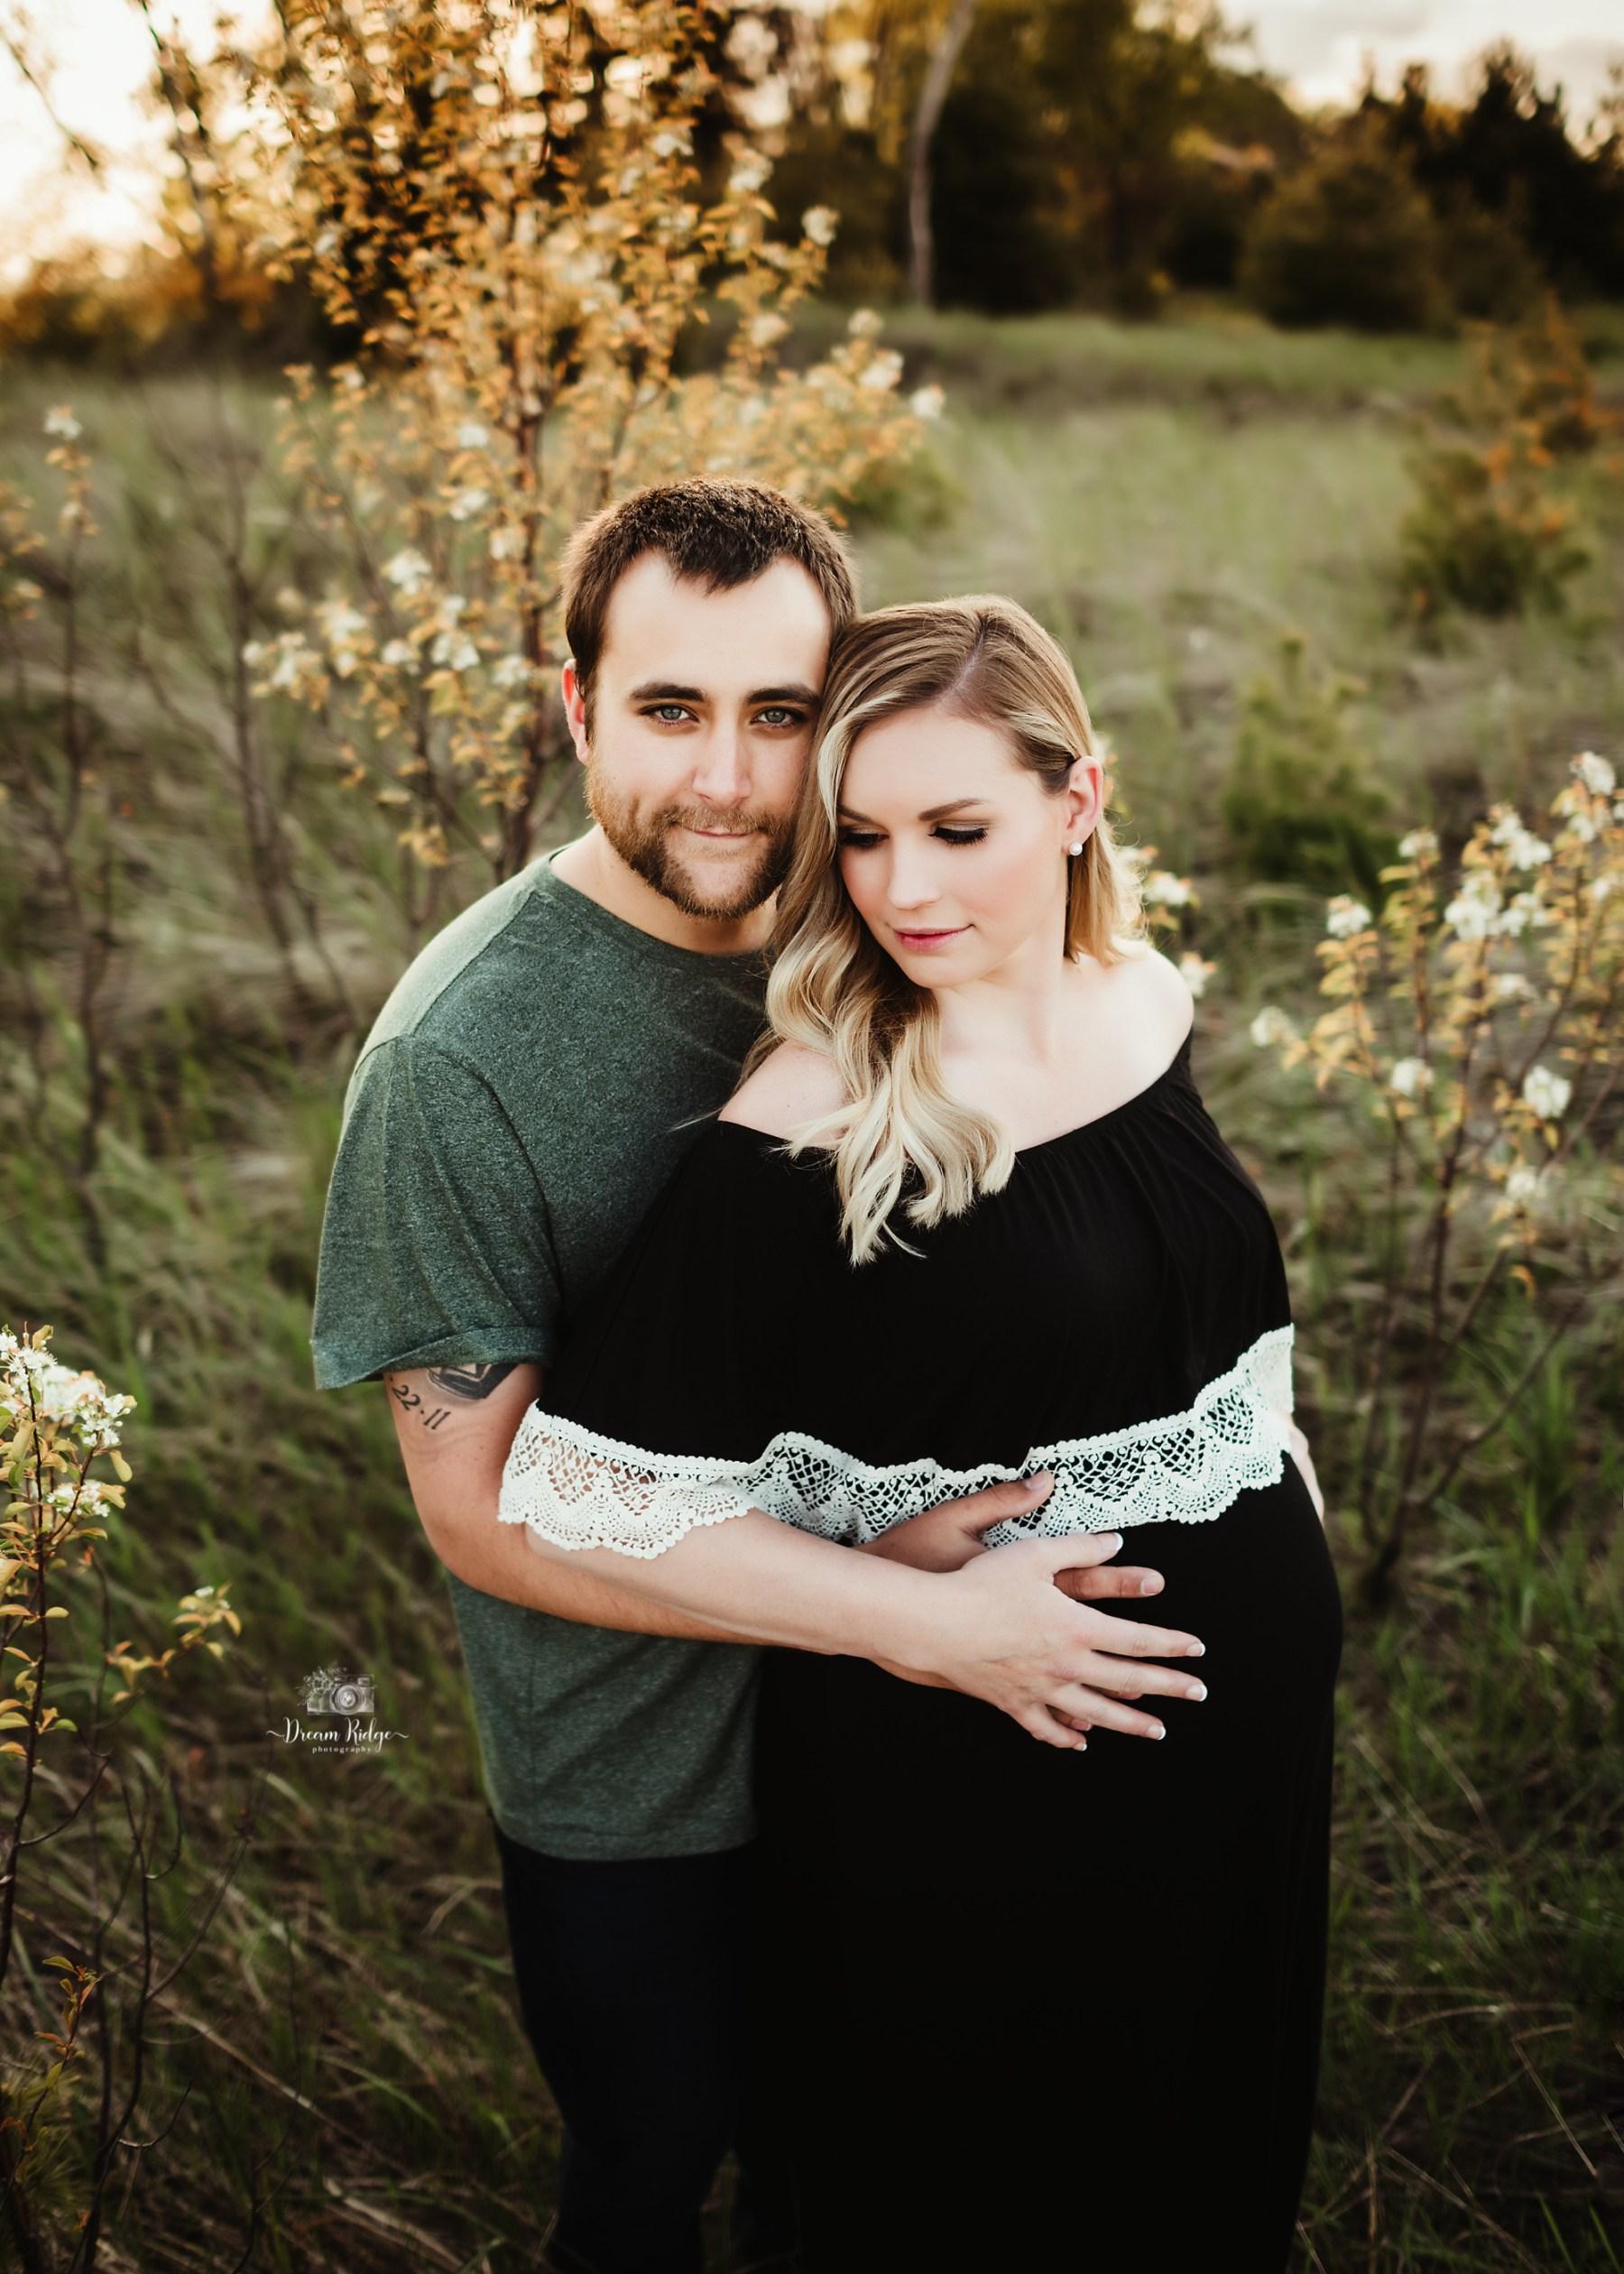 Moden Maternity 7 copy